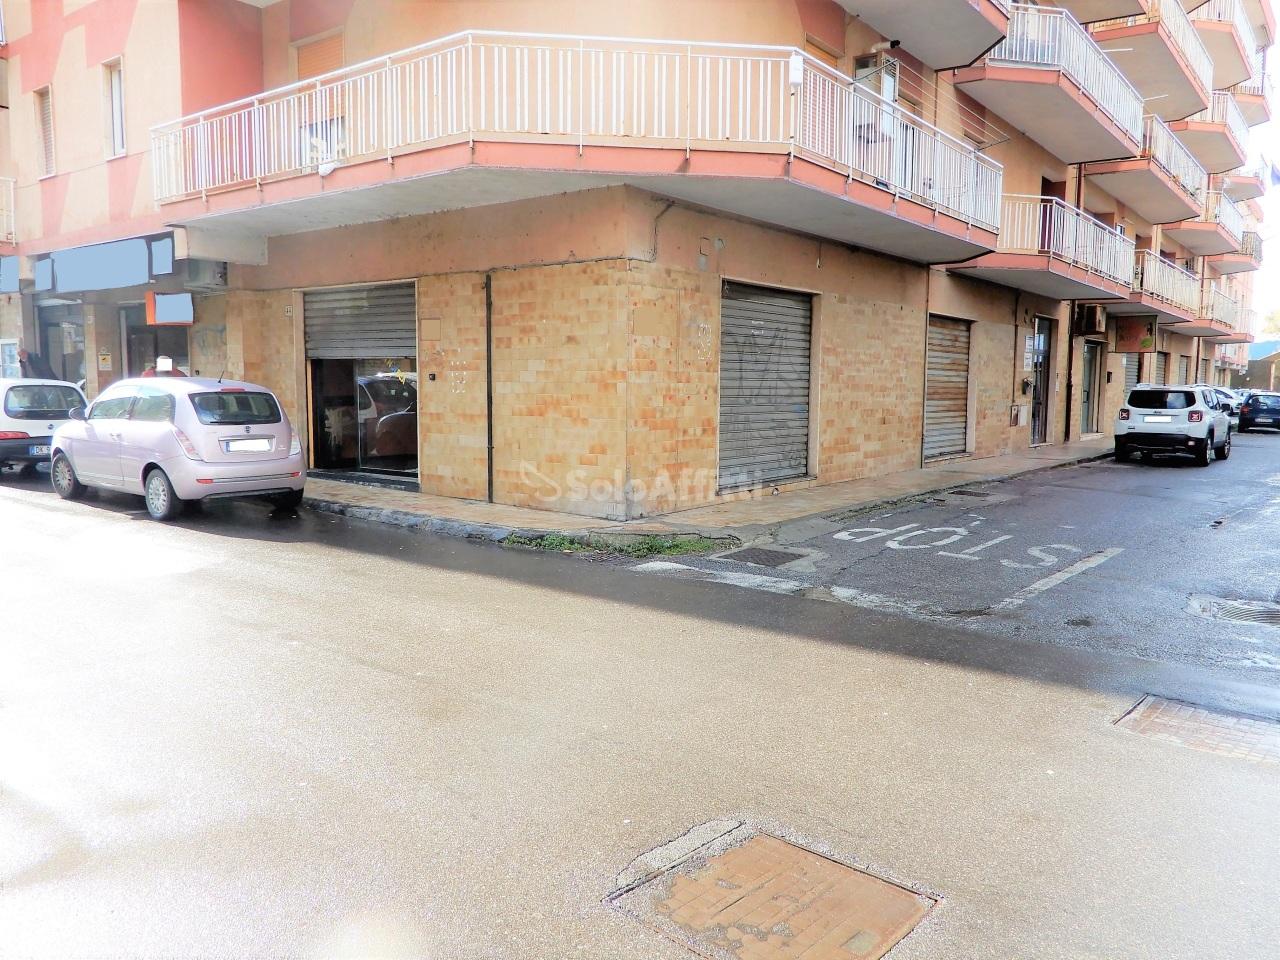 Fondo/negozio - 3 vetrine/luci a Lido Lungomare, Catanzaro Rif. 9697253